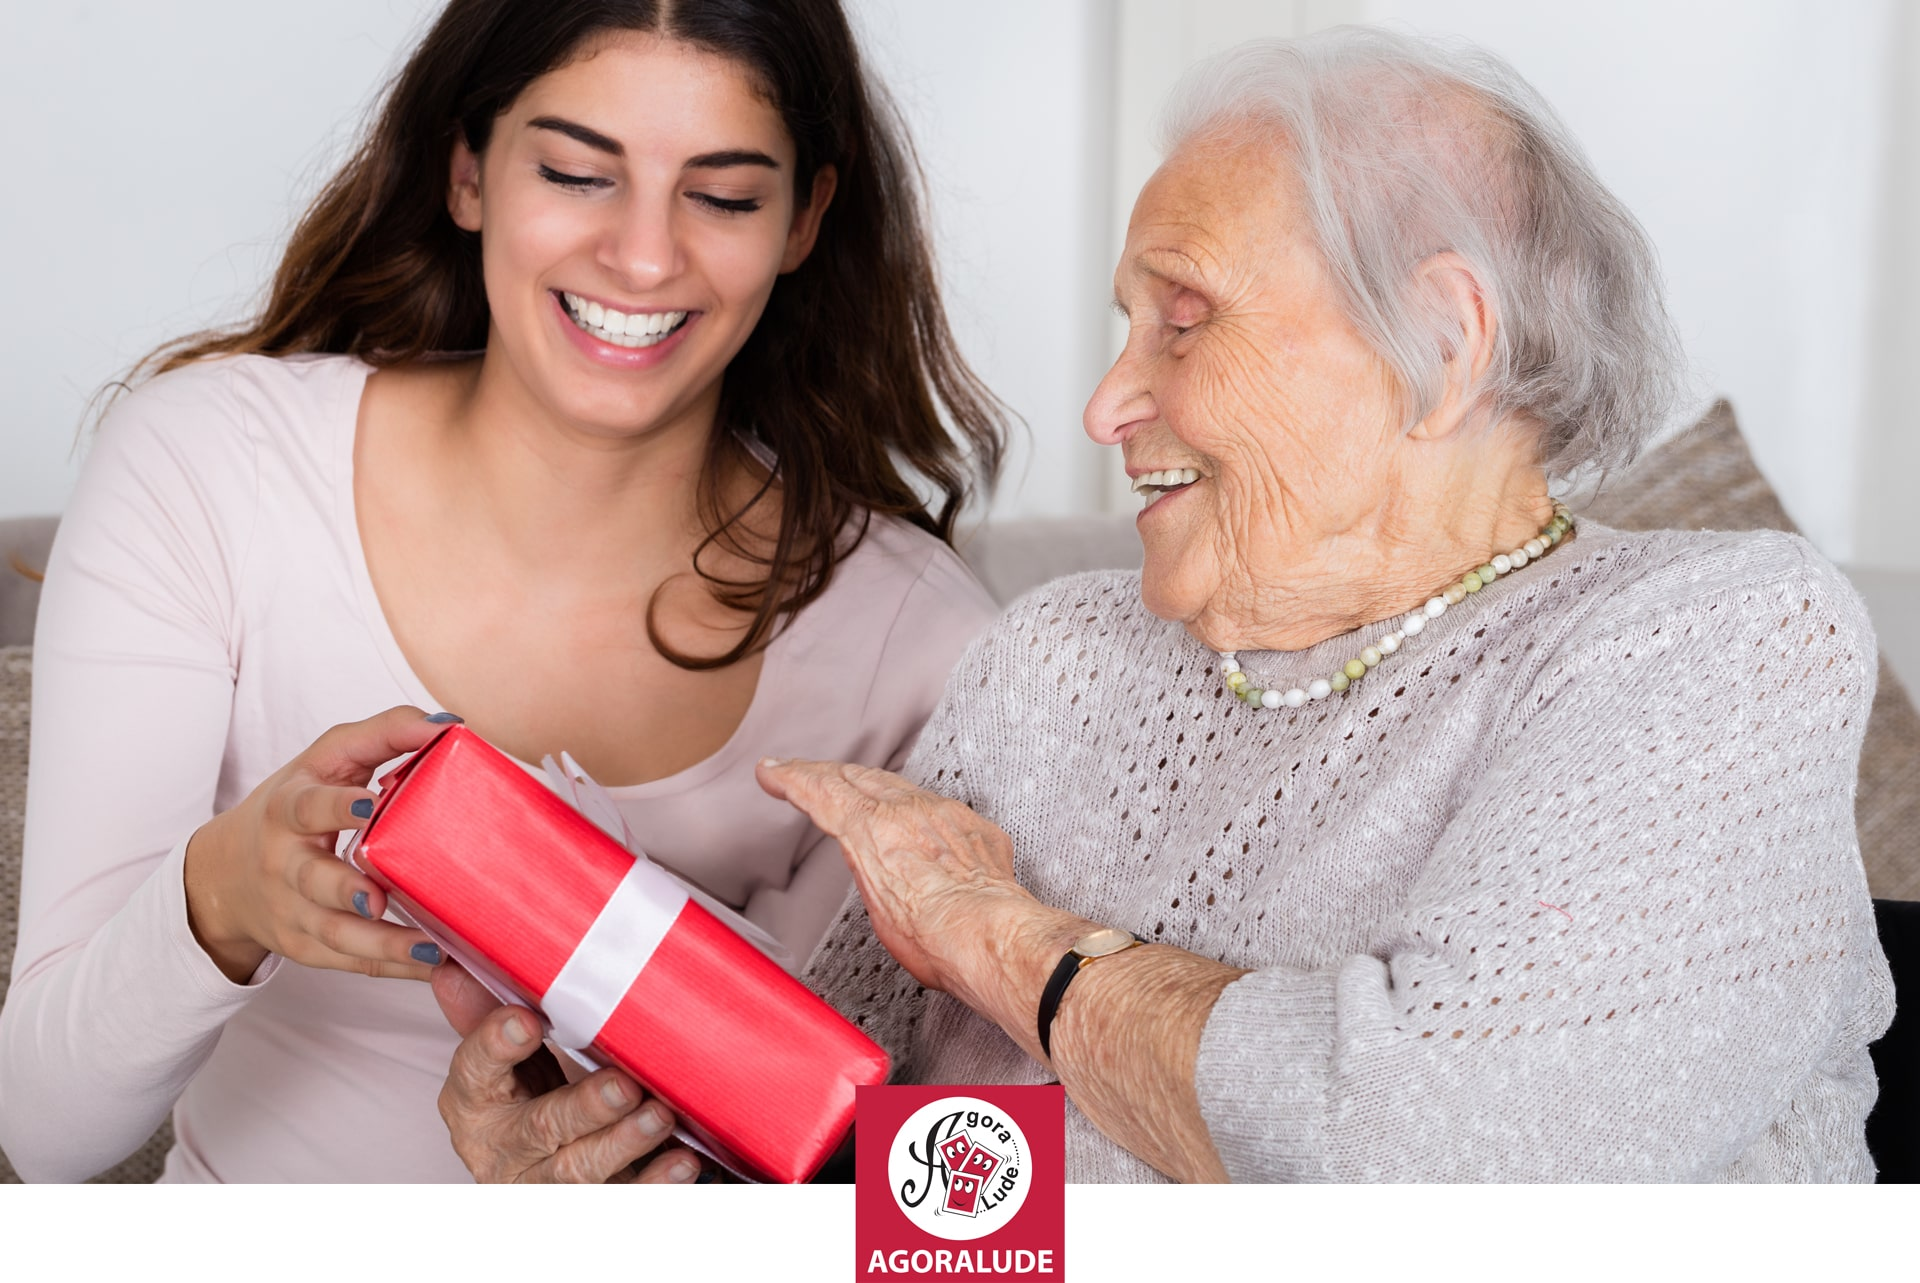 Quel cadeau offrir à une personne âgée pour les fêtes ?